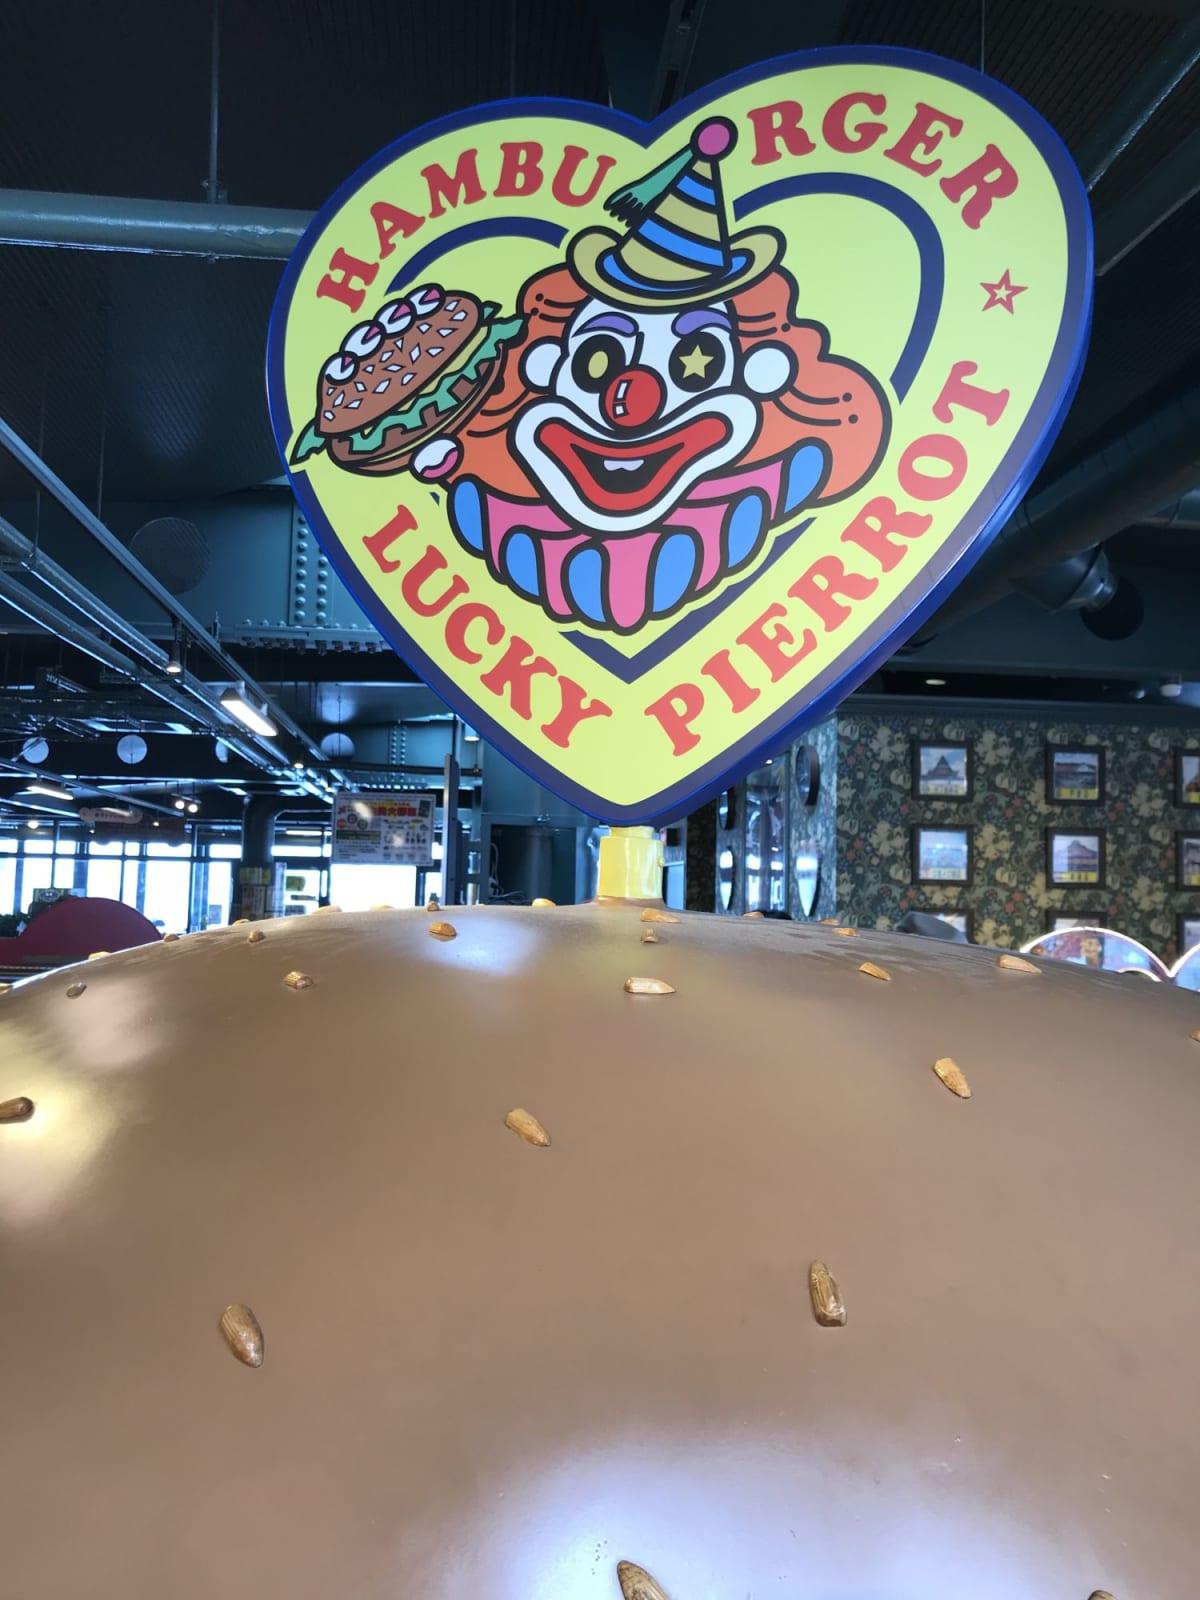 函館ではラッキーピエロのハンバーガーも